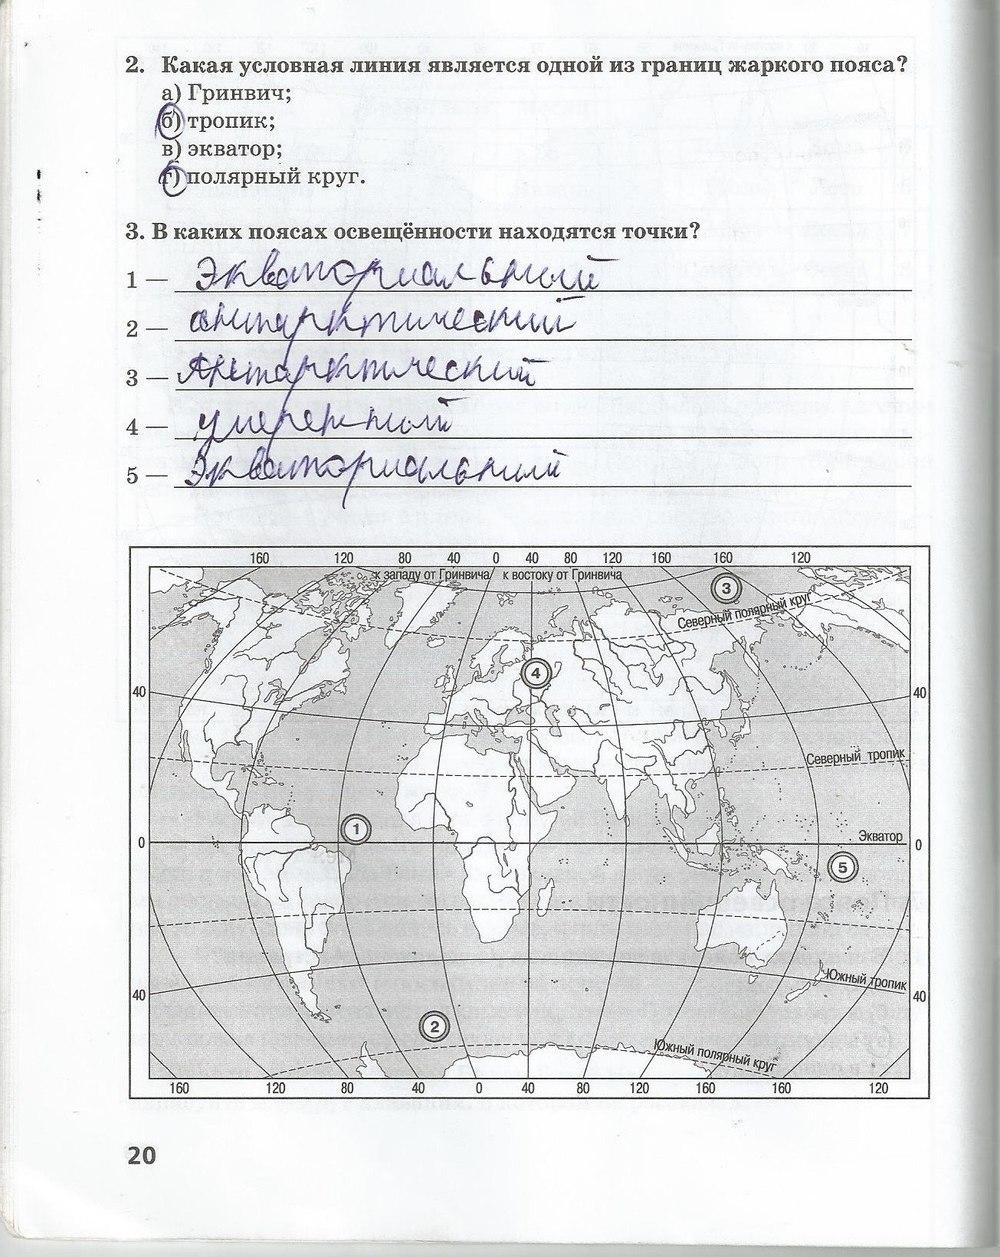 решебник к рабочей тетради по географии 6 класс климова